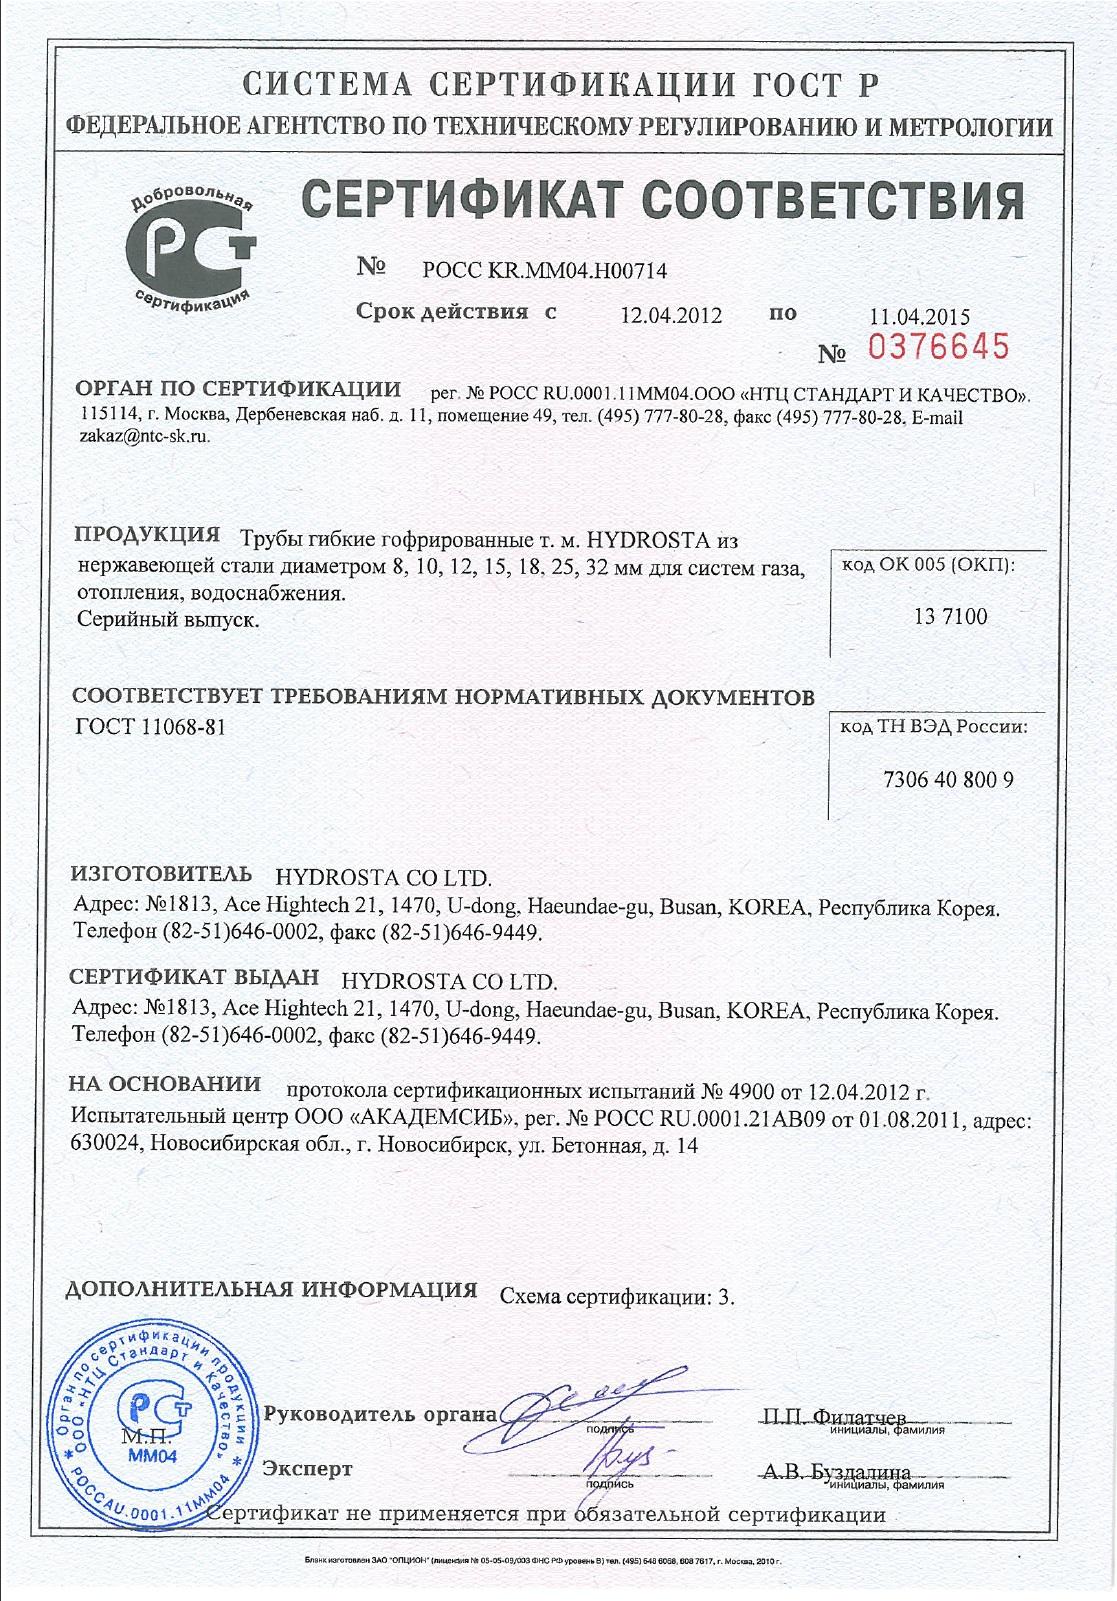 Сертификат гост шланг гофрированный 16 мм срочная сертификация товаров